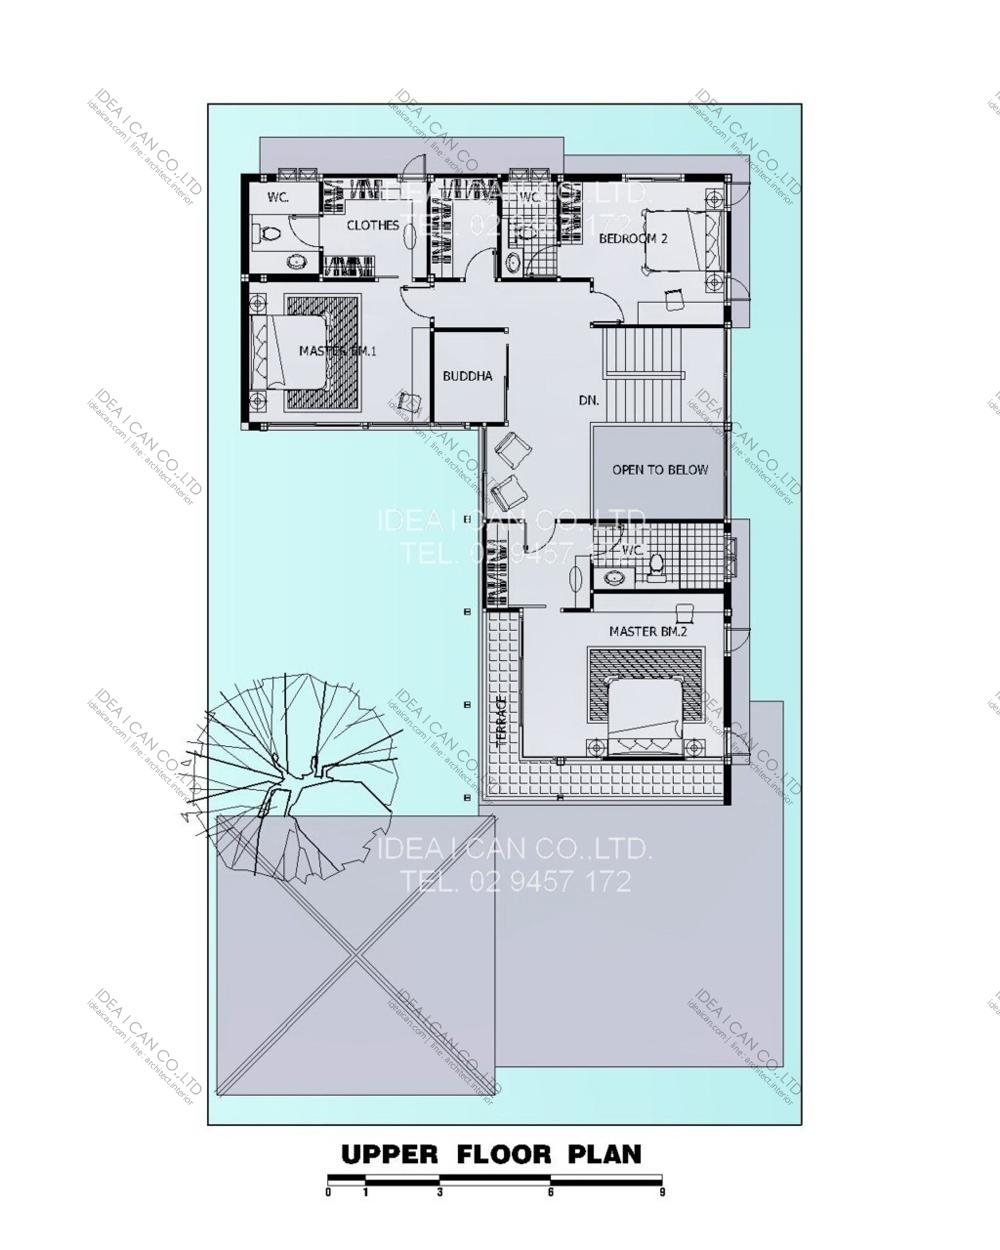 แบบบ้านสองชั้นสไตล์รีสอร์ท, แบบบ้าน 2 ชั้น, แบบบ้าน 4 ห้องนอน, ห้องน้ำสไตล์รีสอรท, พื้นที่ใช้สอย 420 ตร.ม., RE-H2-505.420, แบบบ้านสไตล์รีสอร์ท , รับเหมาก่อสร้าง, รับสร้างบ้าน, รับสร้างบ้านสองชั้น